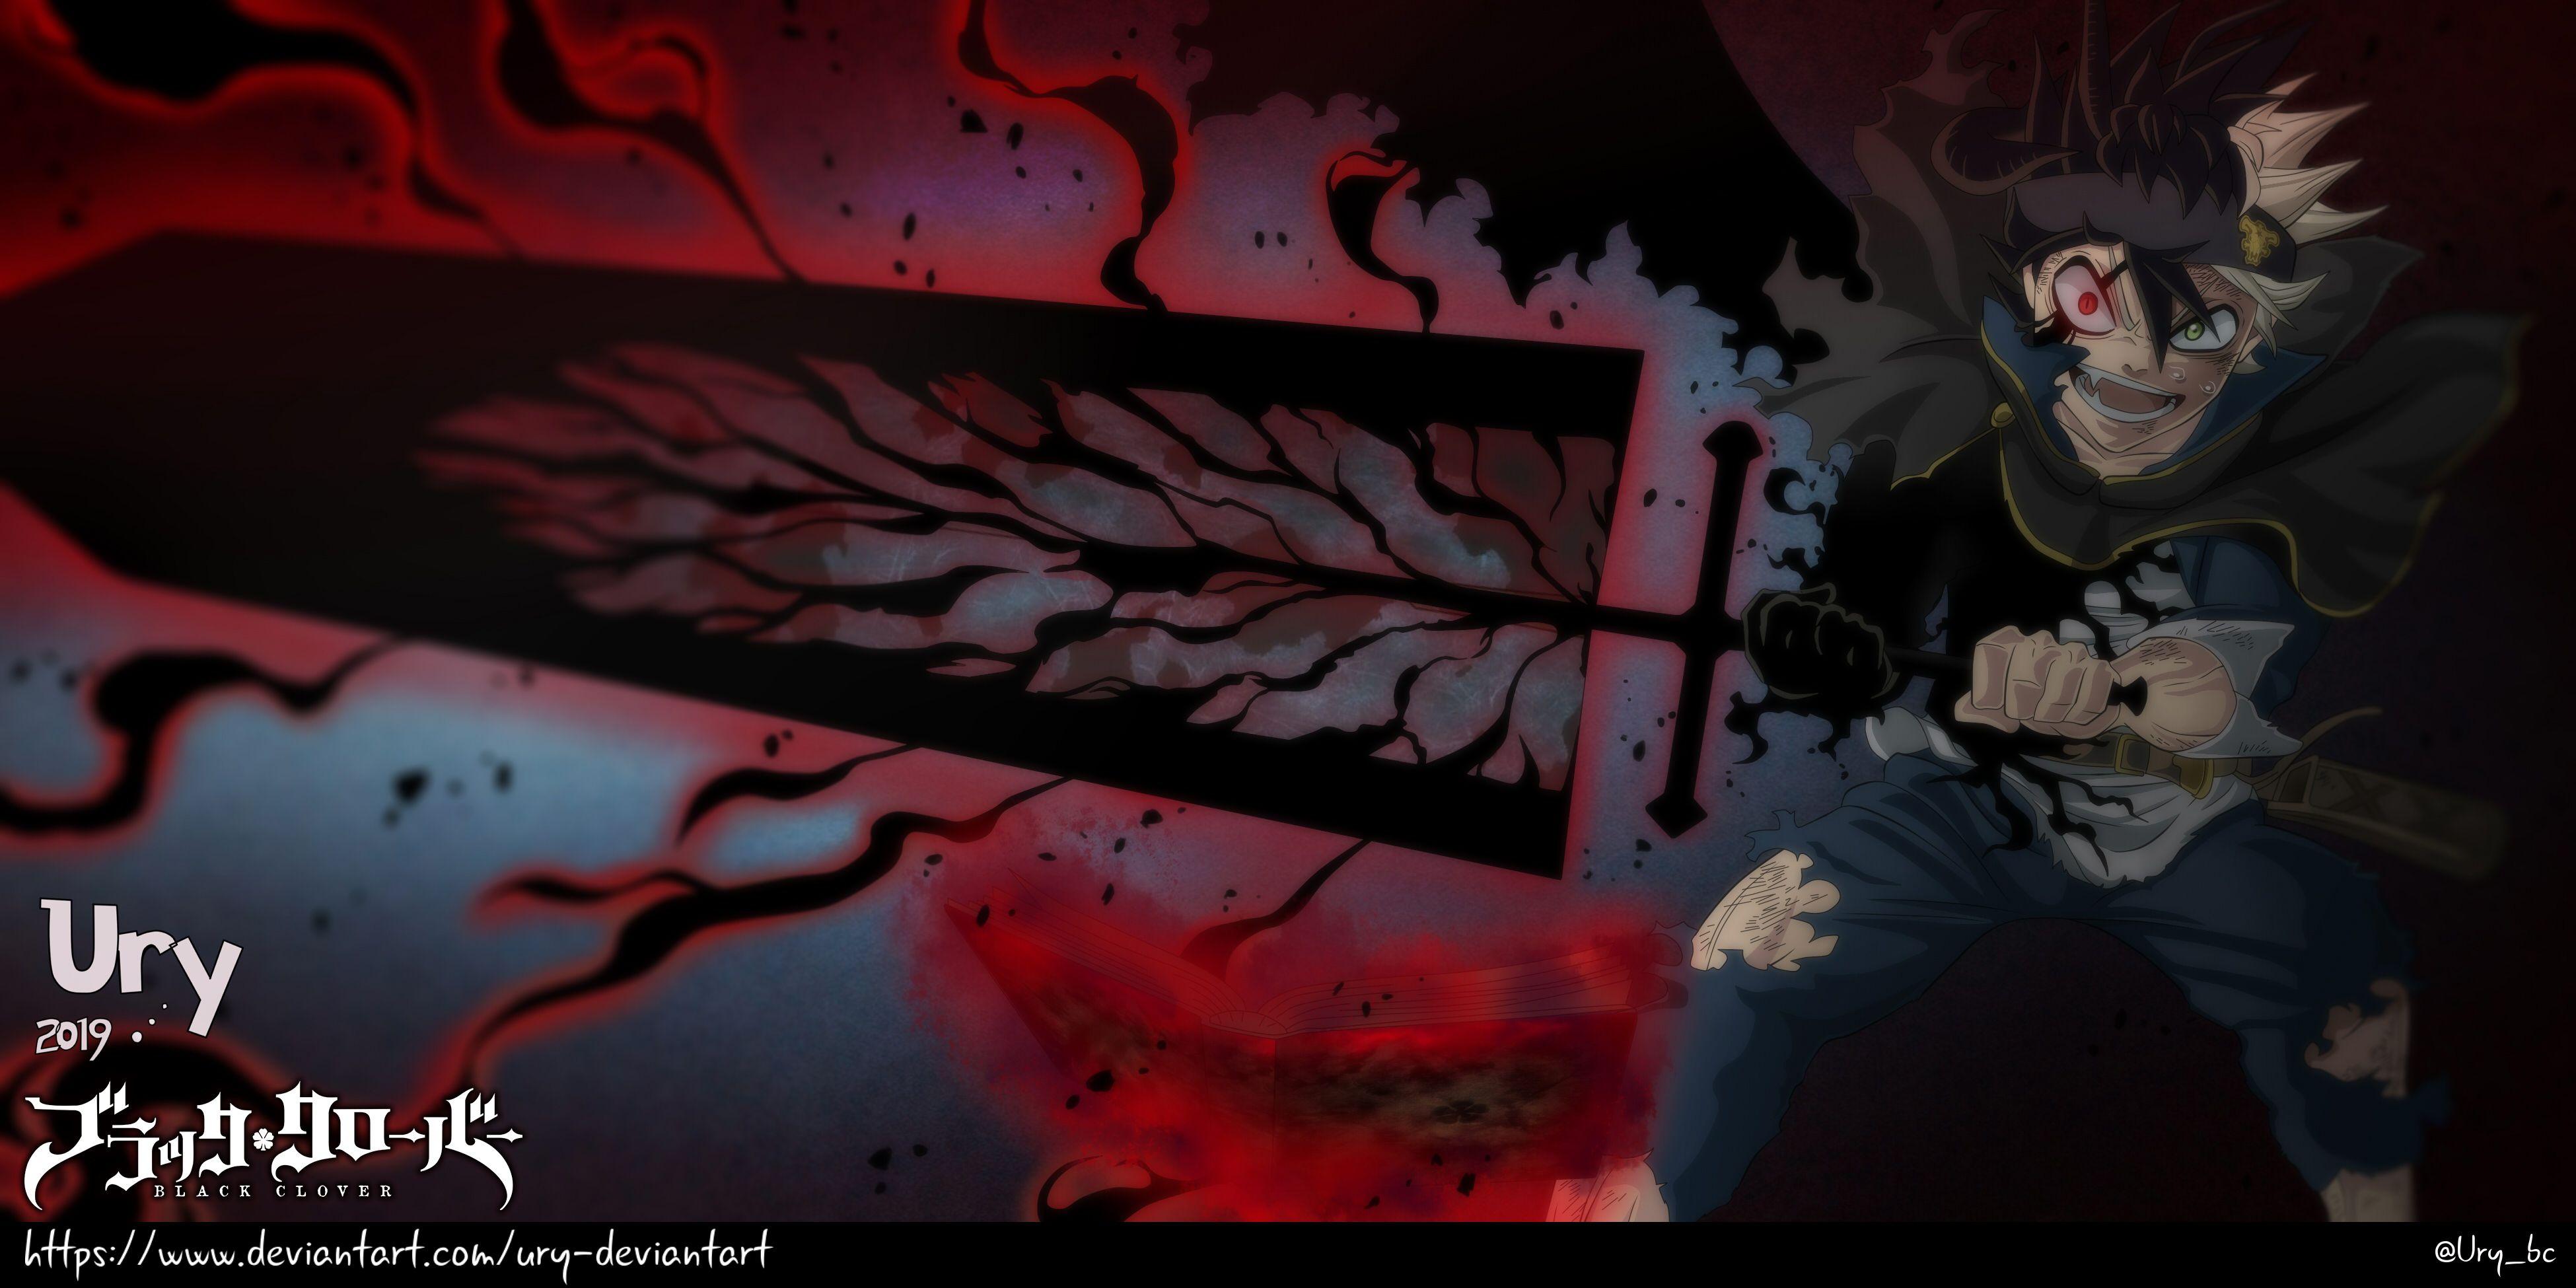 Black Clover 208 Asta Black Divider By Ury Deviantart On Deviantart Black Clover Anime Clover Anime Boy